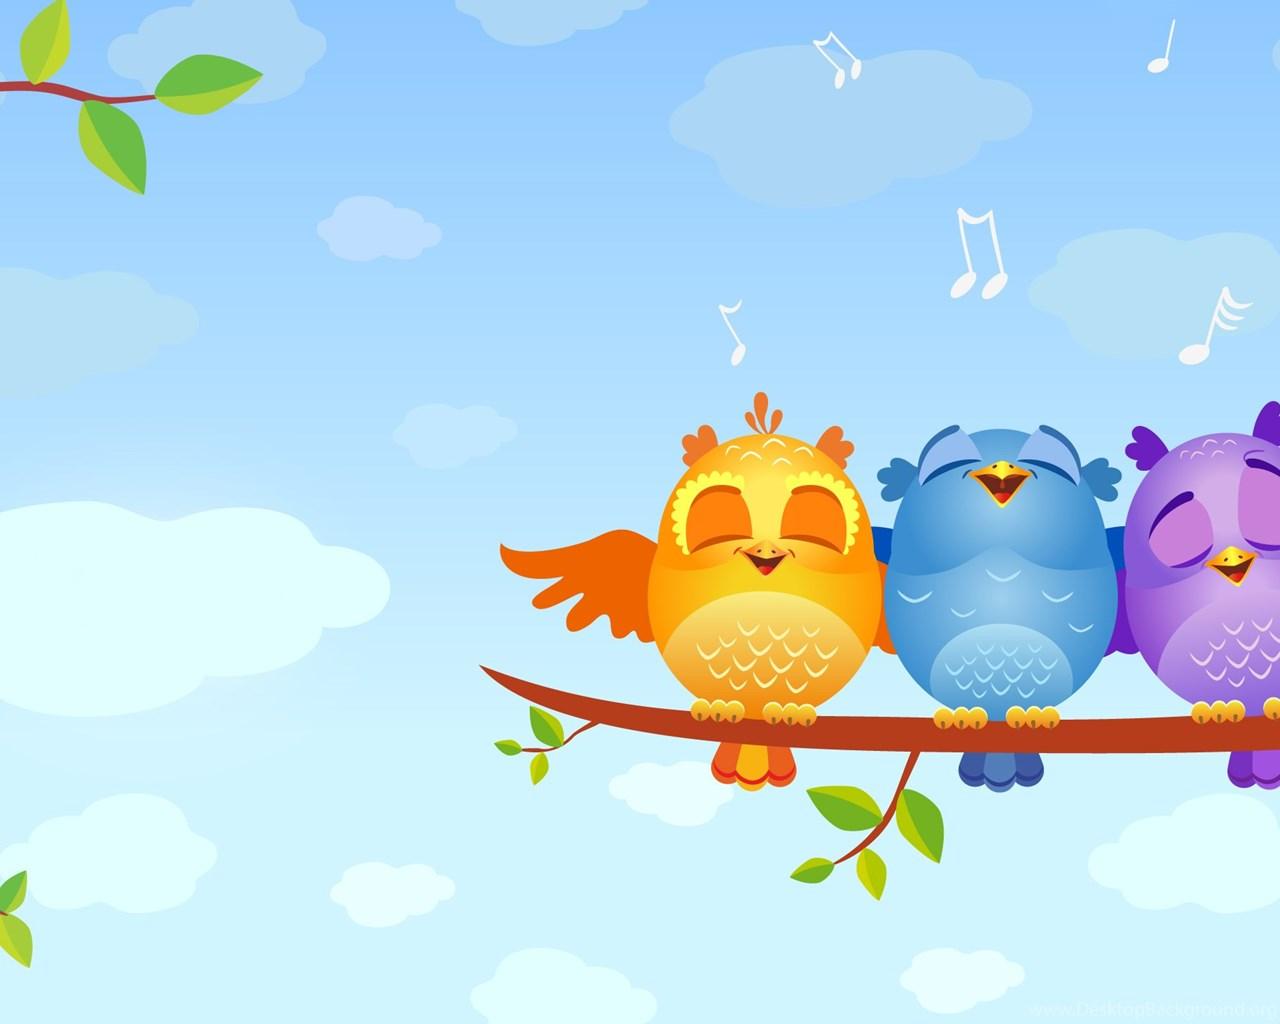 High Resolution Cute Birds Cartoon Wallpapers Full Size Desktop Background